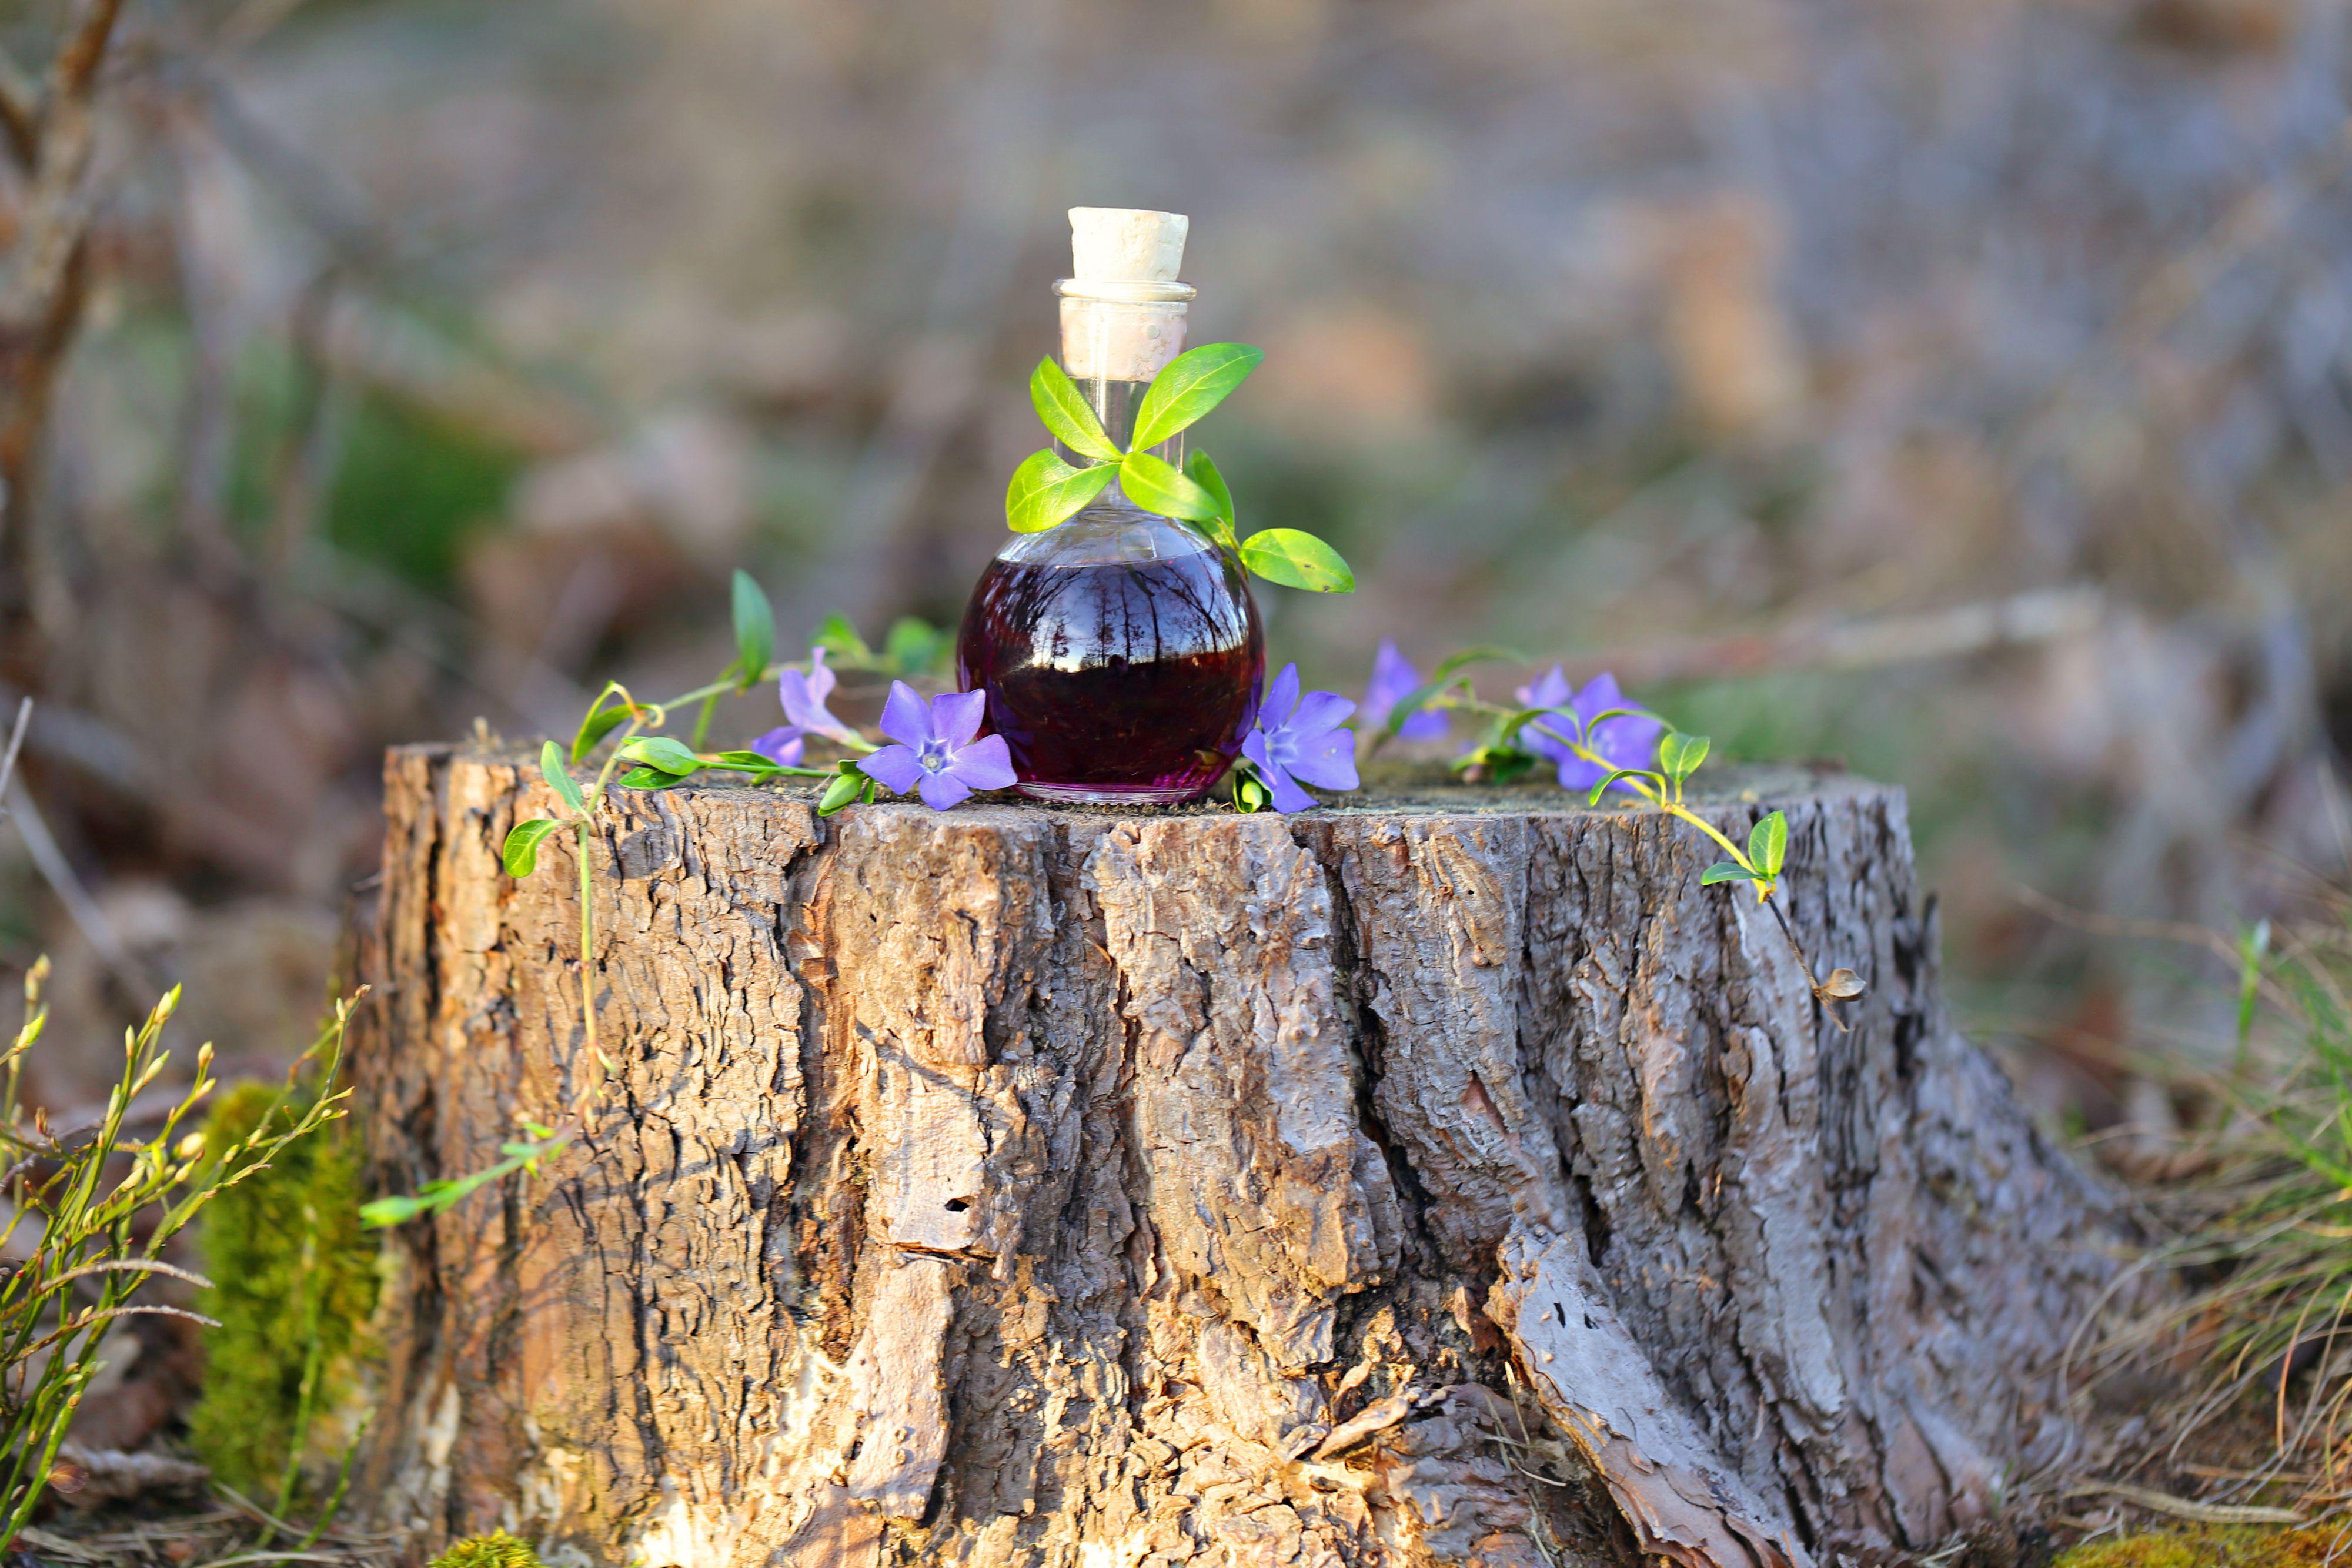 Potion in a bottle